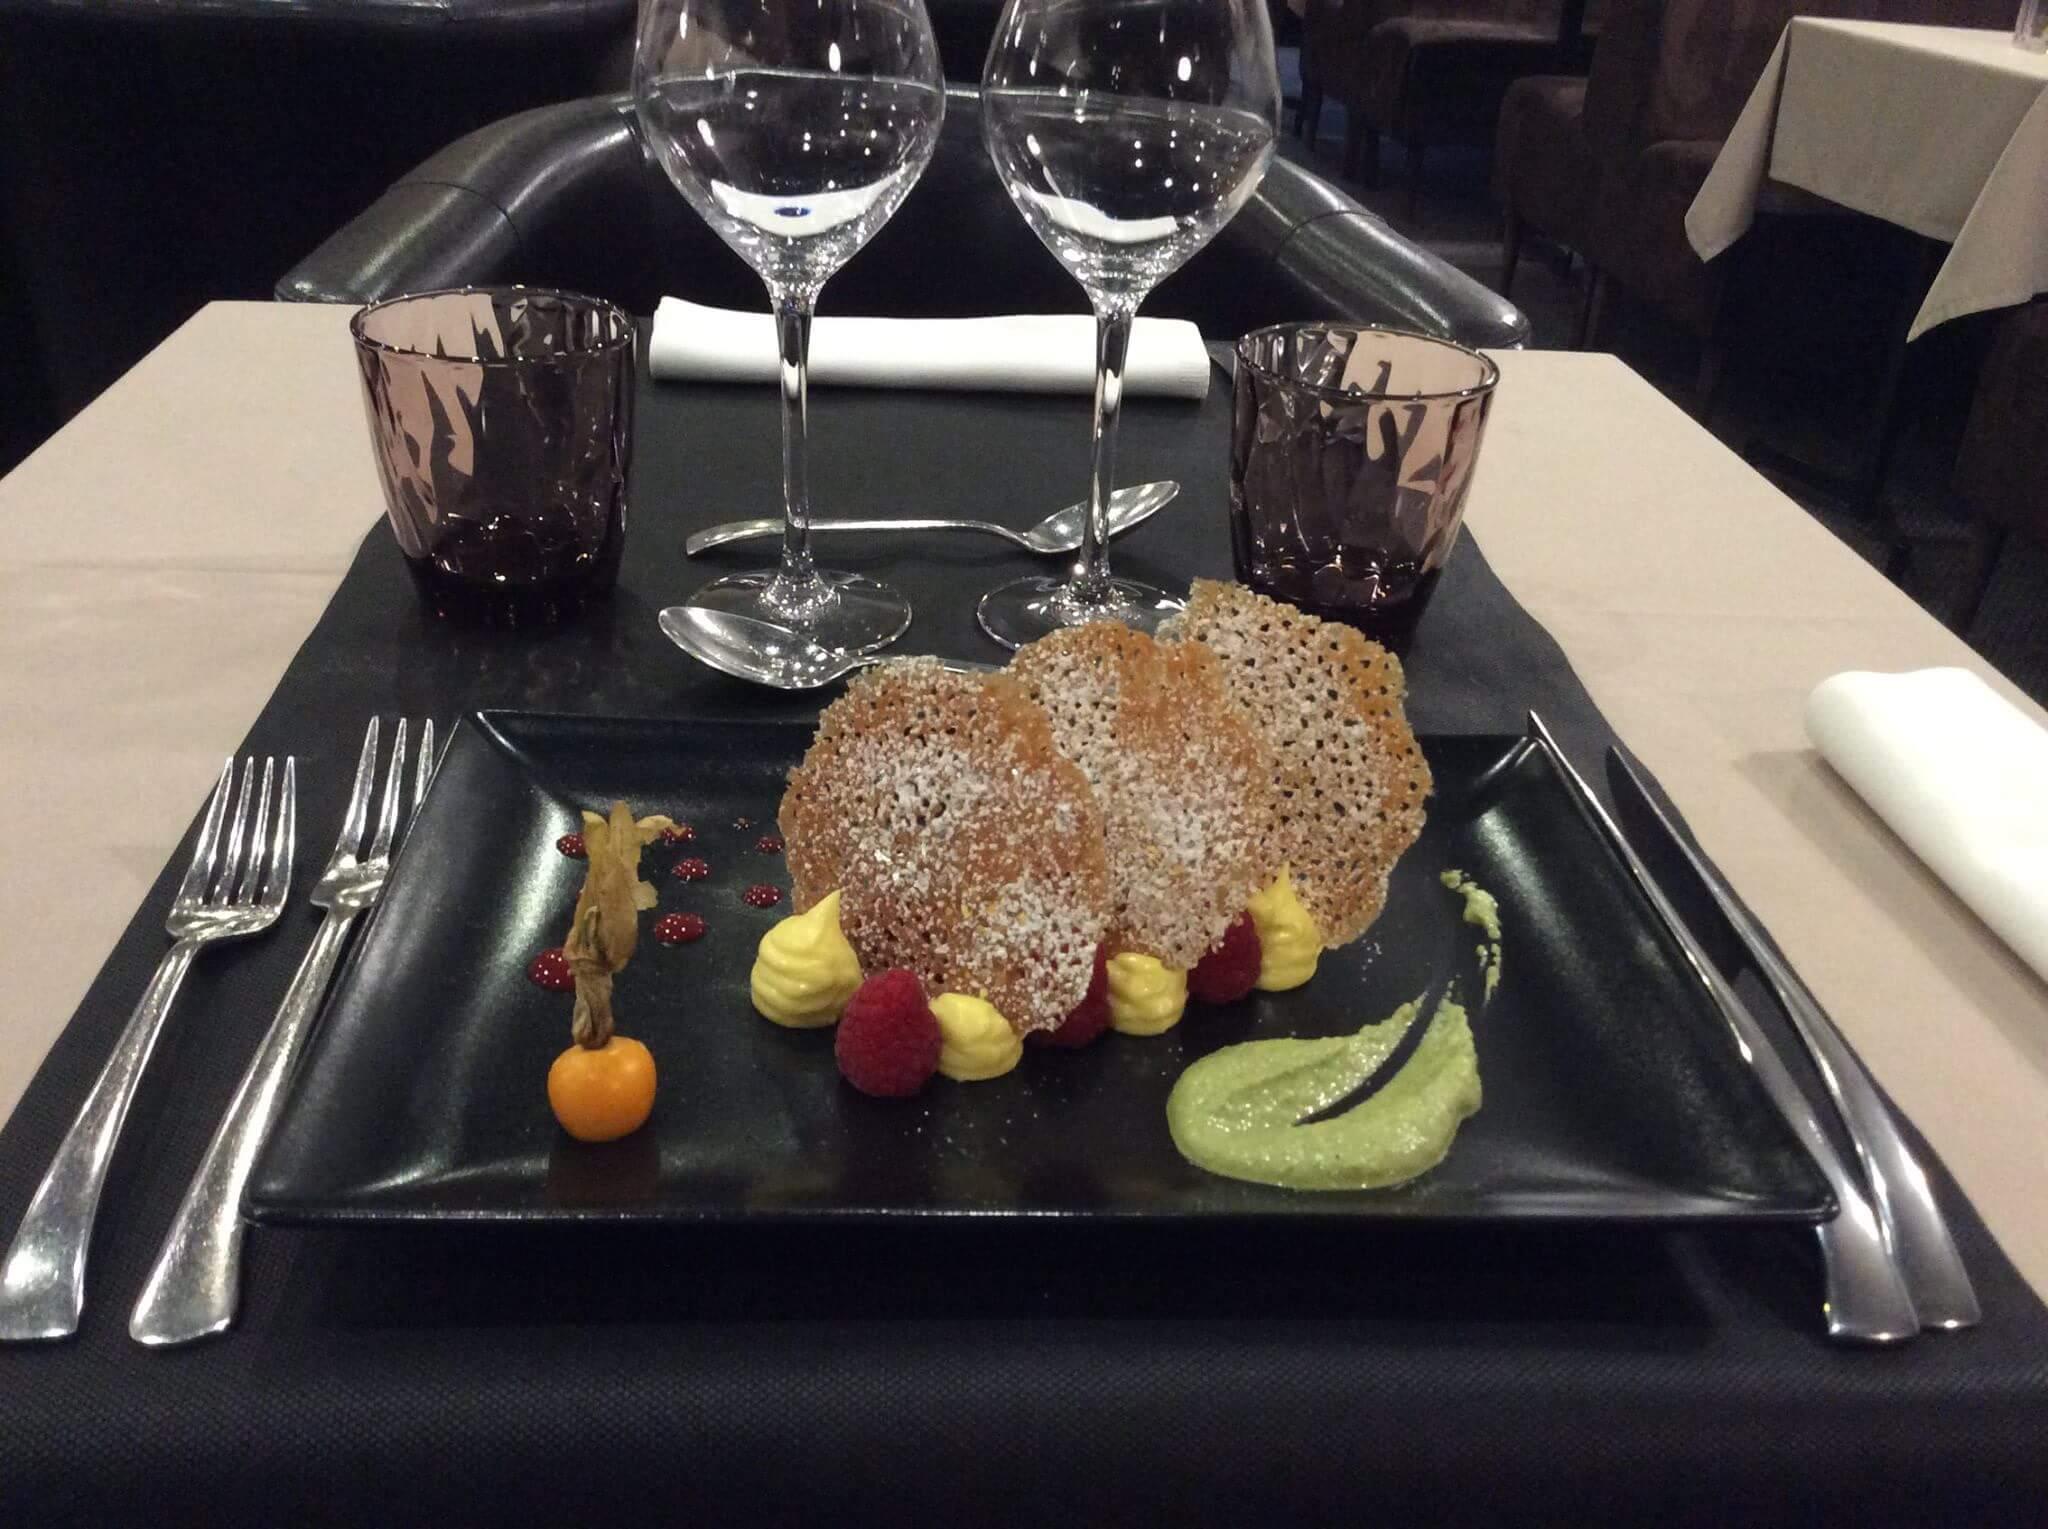 millefeuille-yuzu-framboise-restaurant-rouen